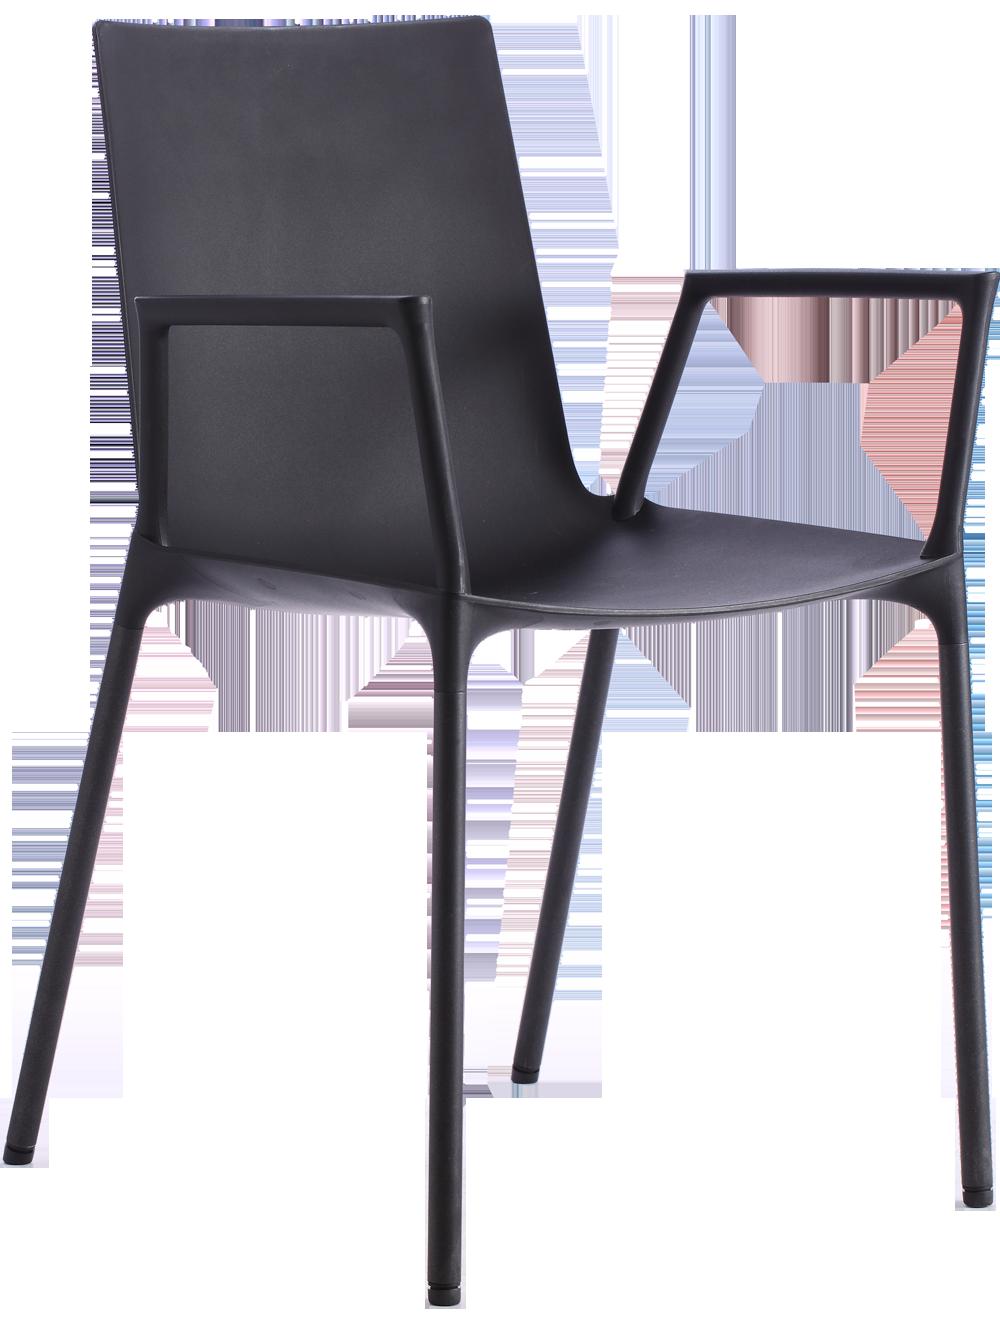 有扶手卡拉亚椅